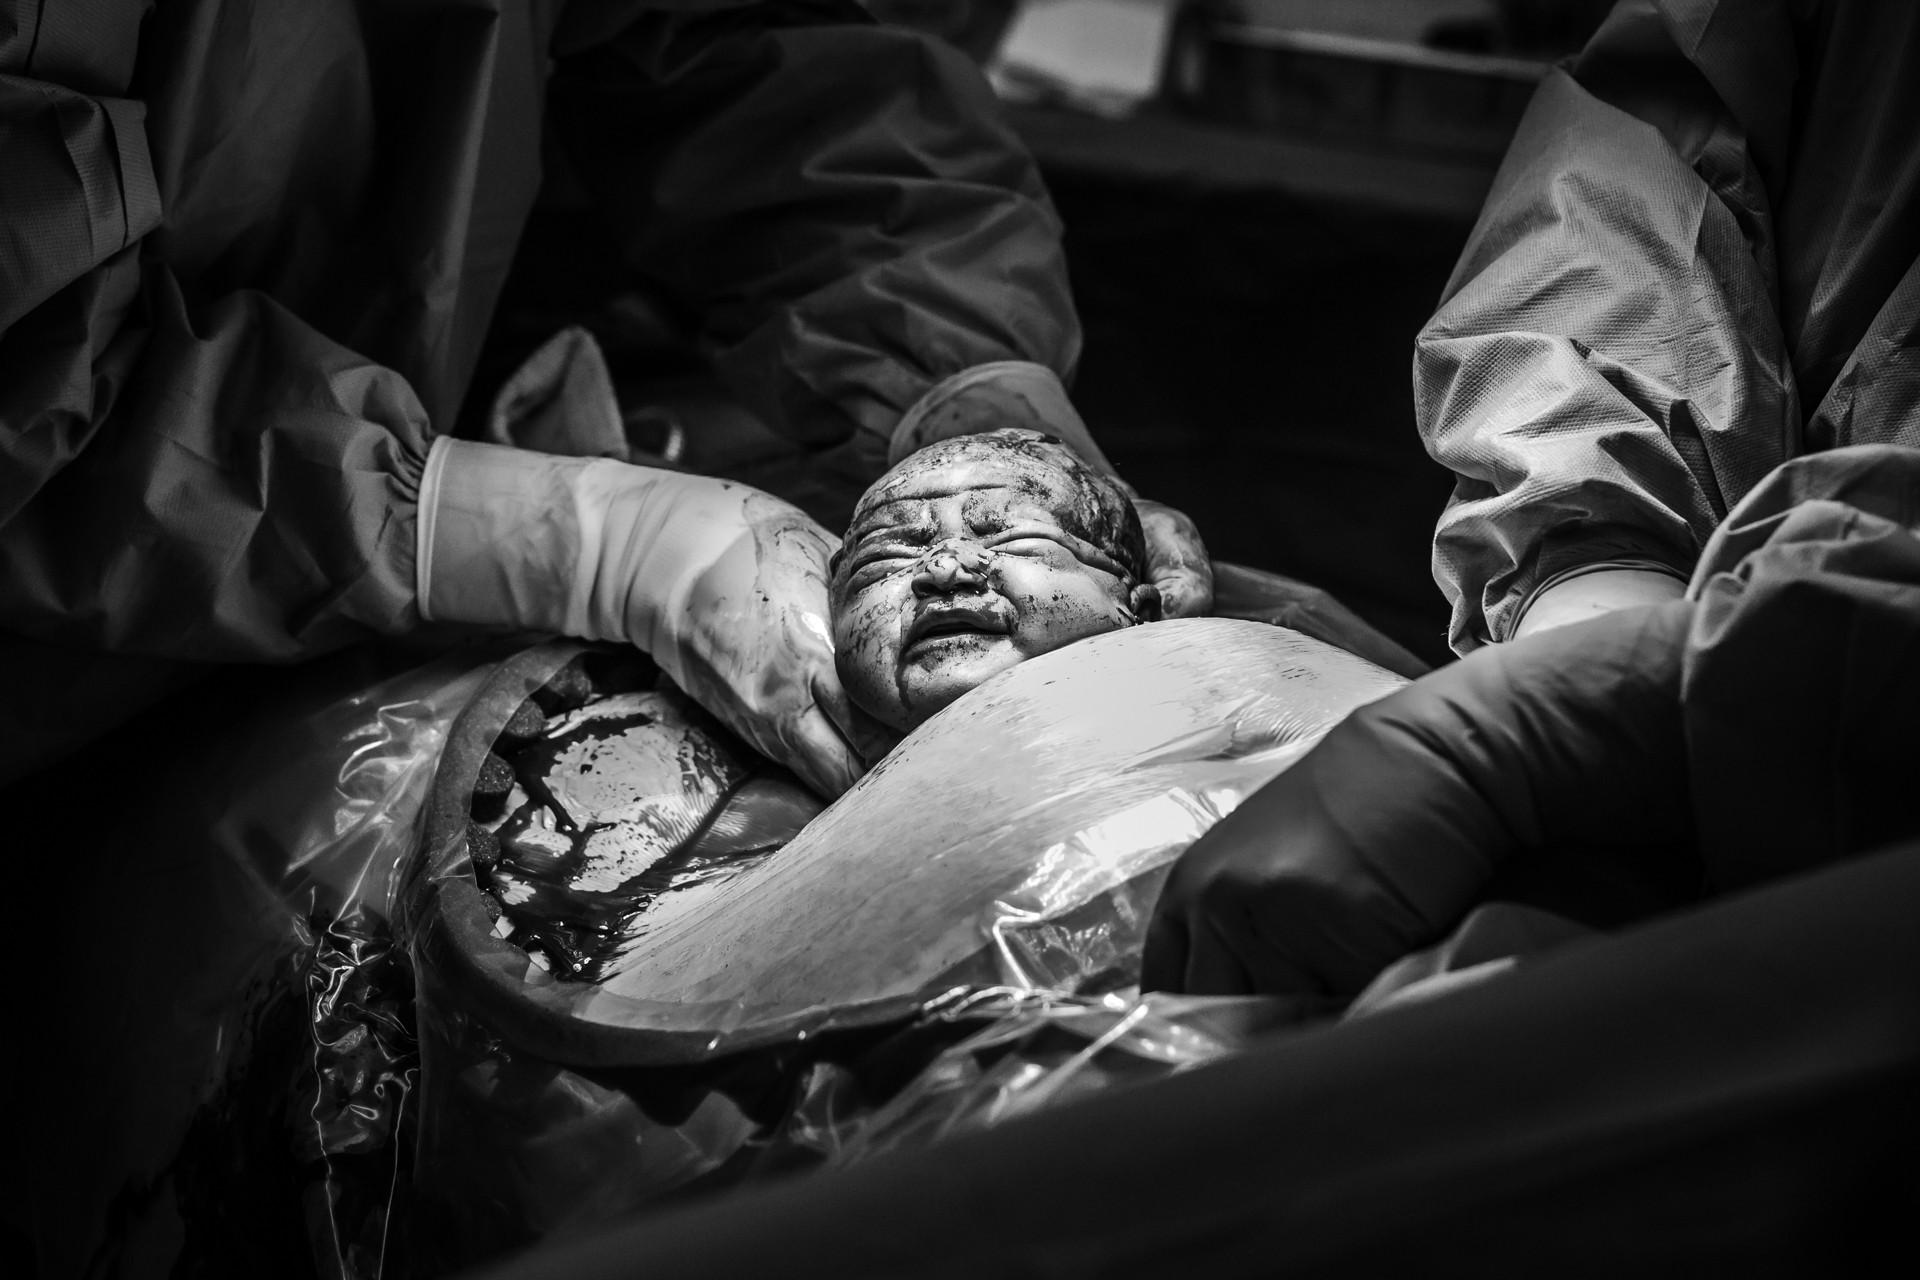 geboortefotograaf-bij-keizersnede-sectio-geboortefotograaf-pure-life-geboortefotografie